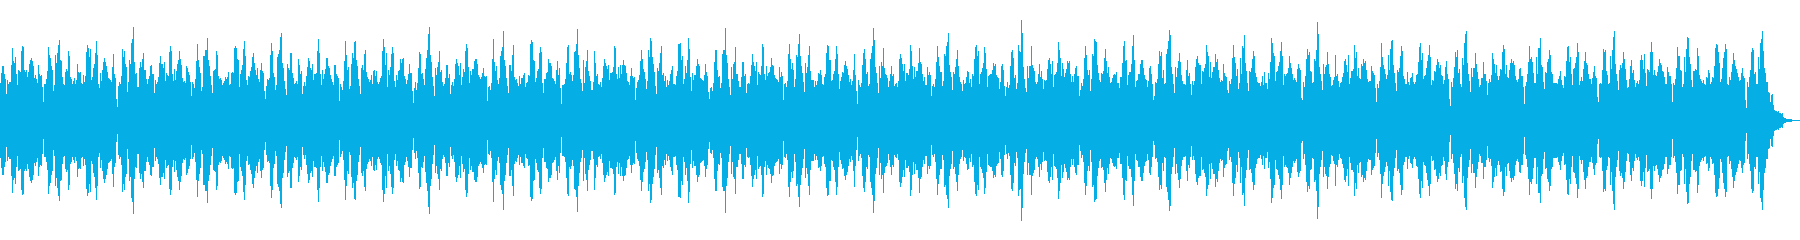 (夏)癒し風鈴とハープの日本風BGMの再生済みの波形